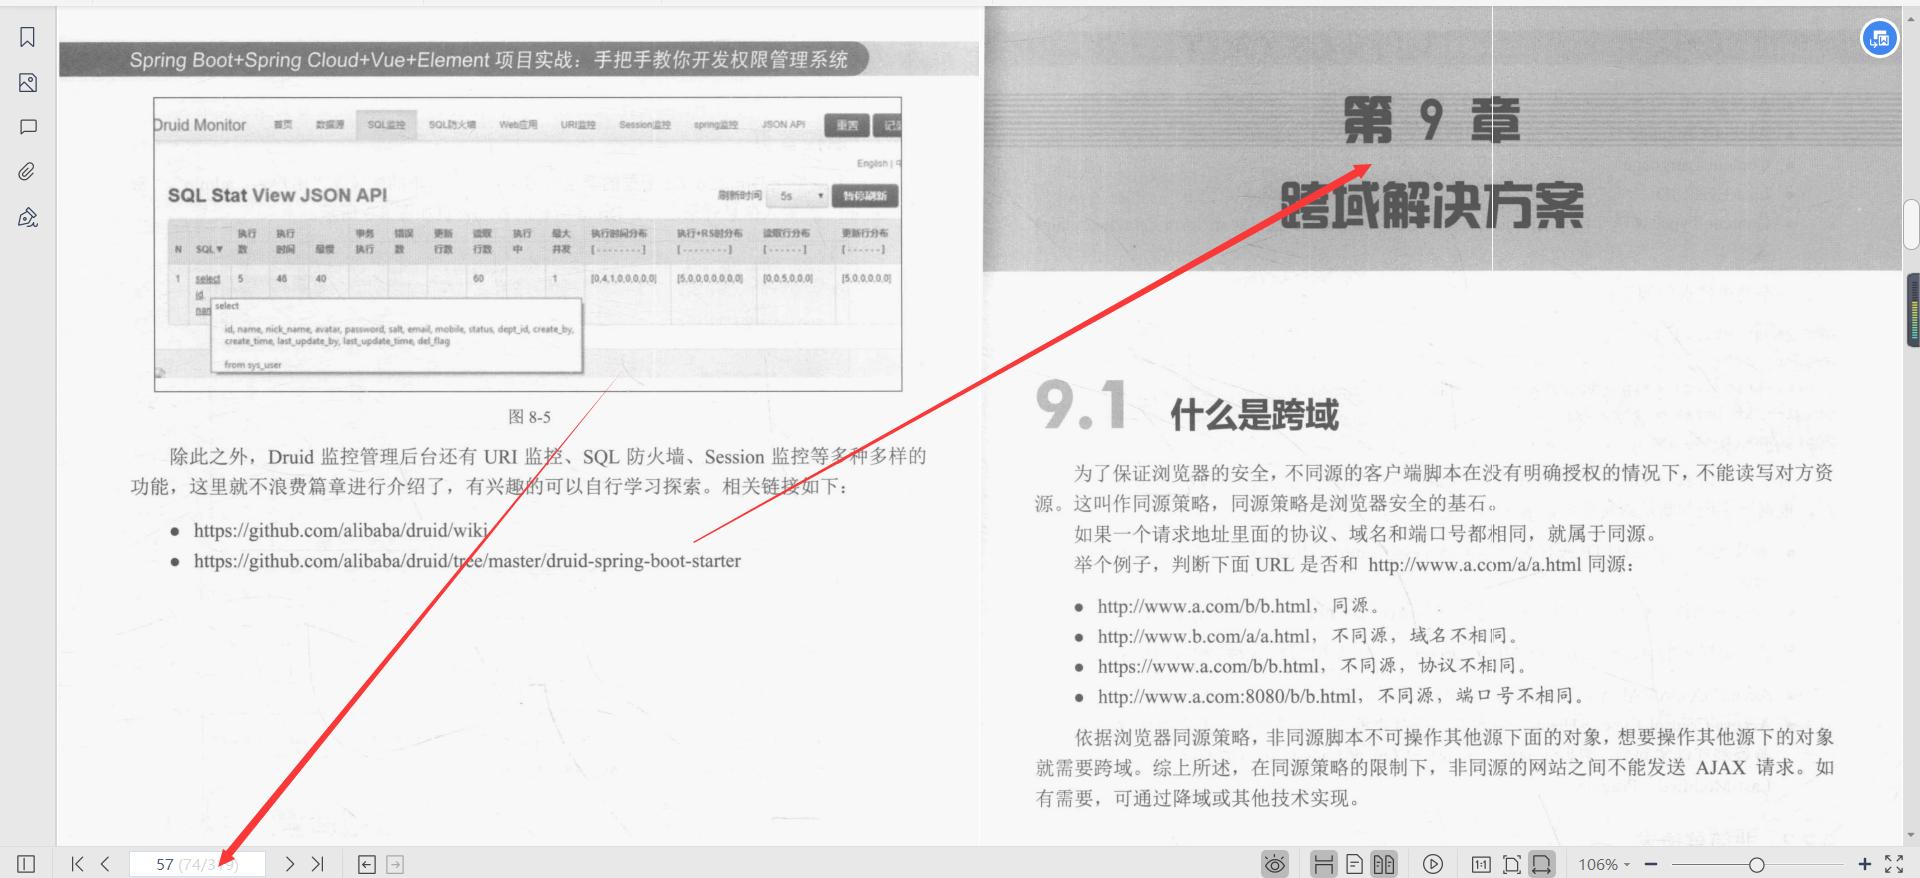 微服务框架VueElement权限管理系统项目实战PDF分享